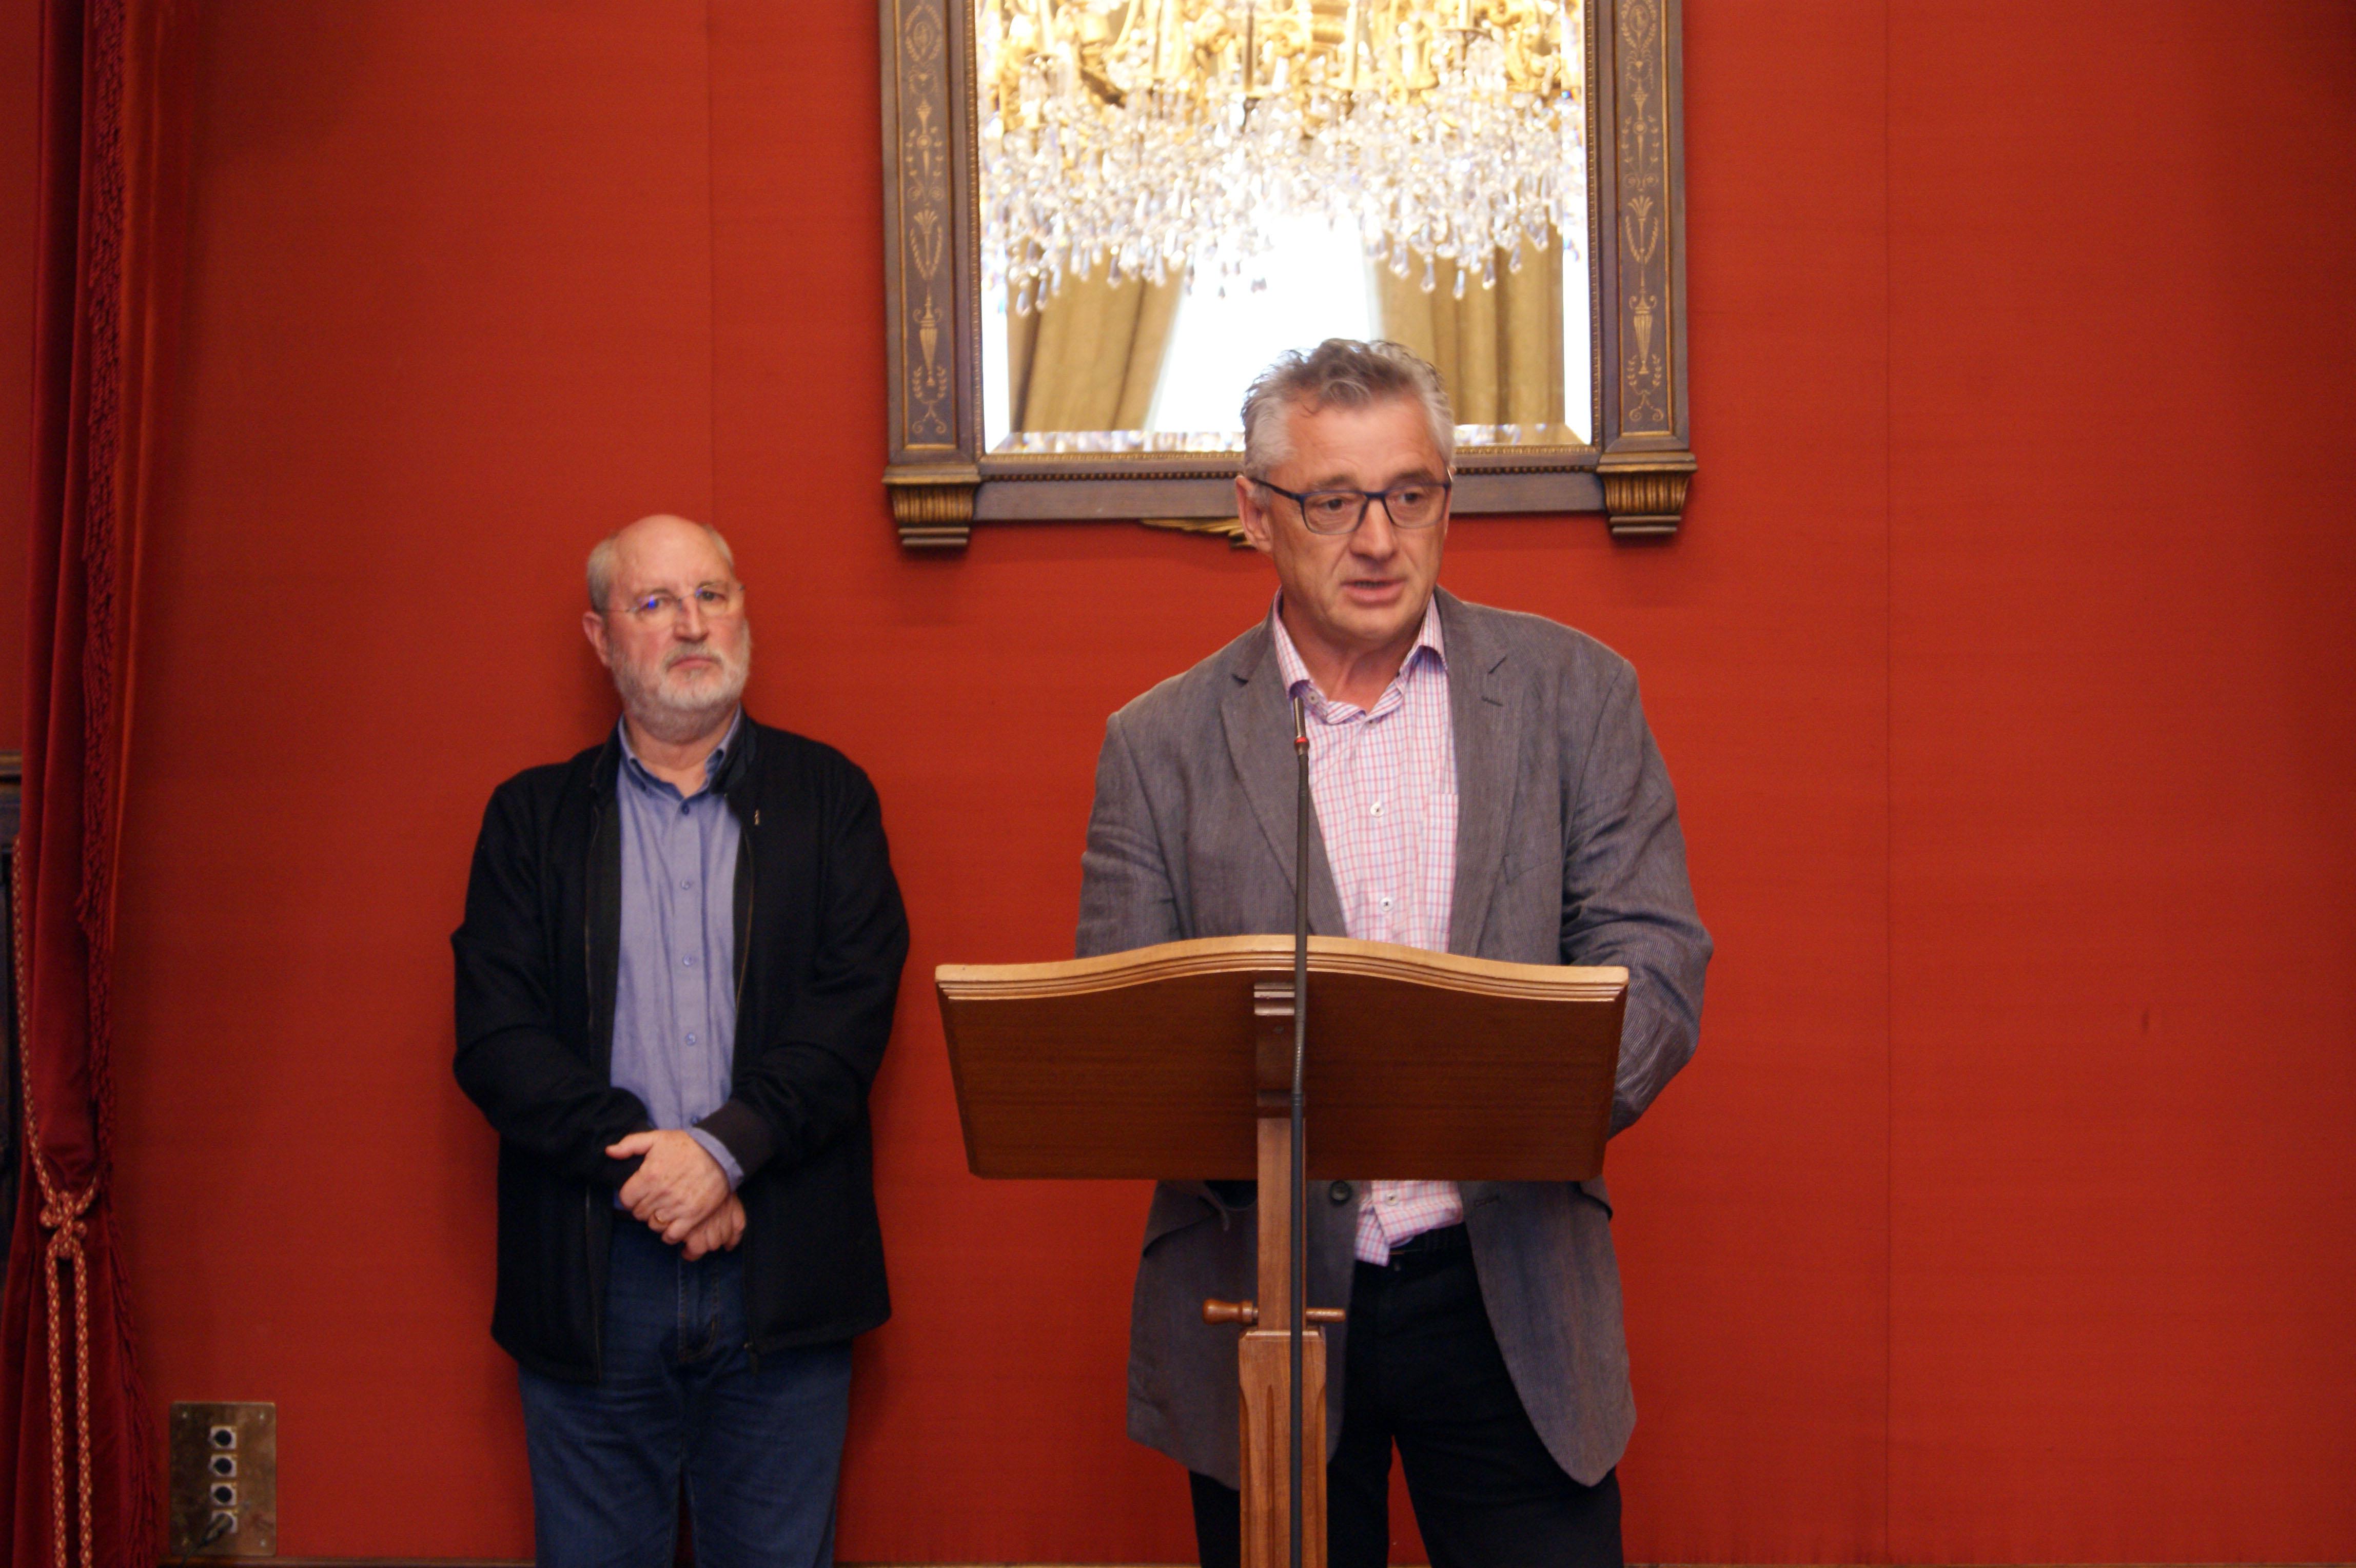 Pedro Meijide interveu na cerimonia en representación dos directores e directoras dos centros educativos.